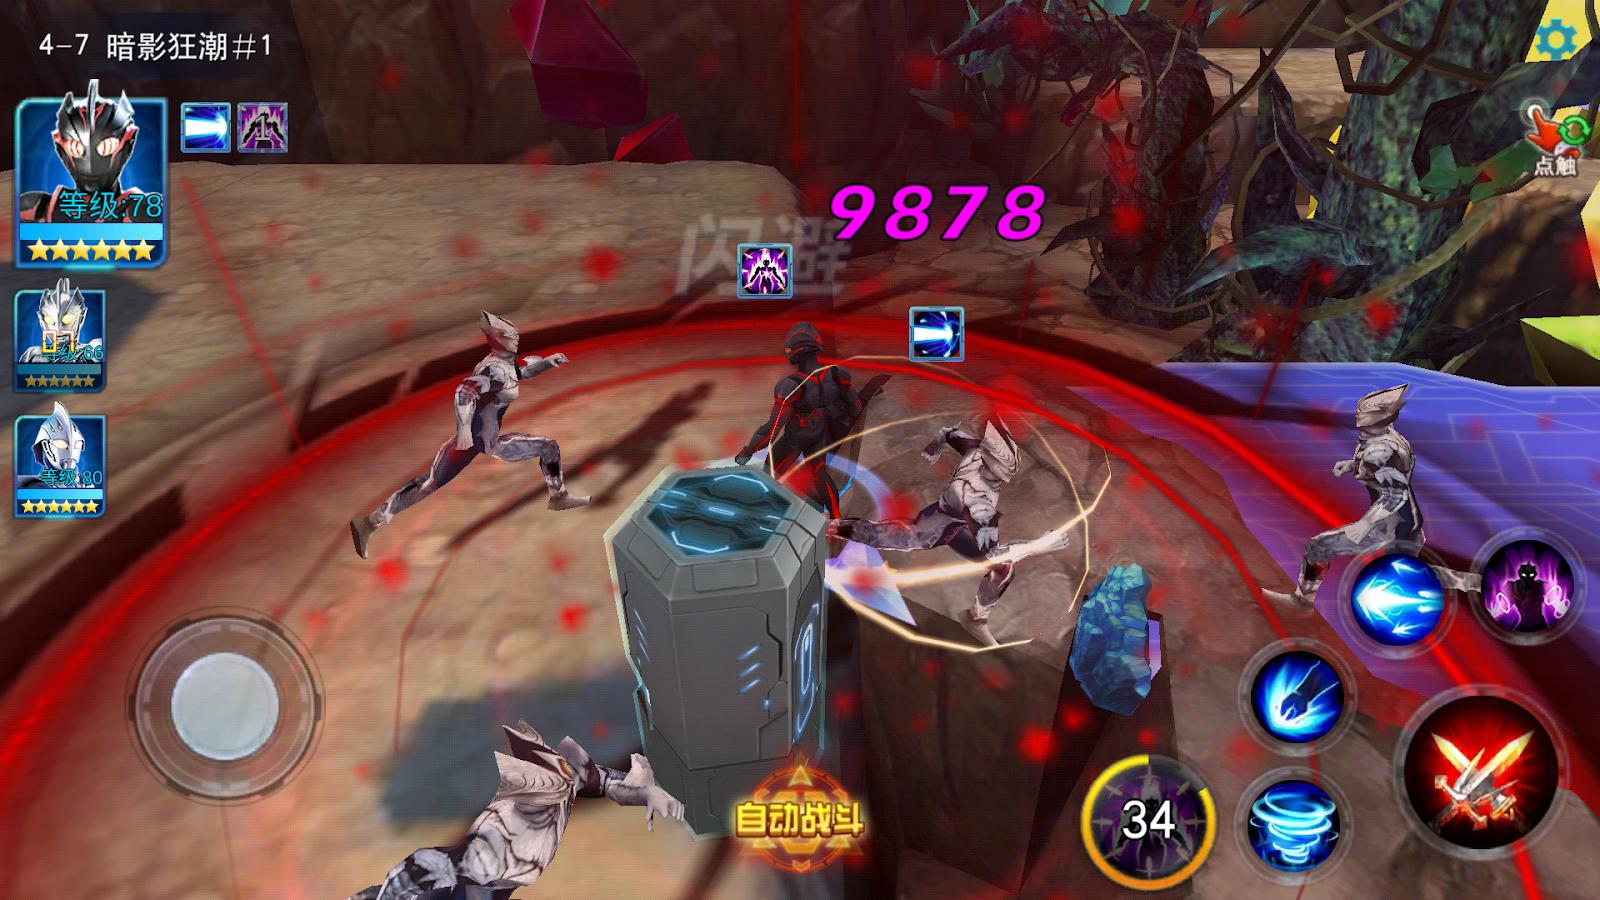 download game ultraman offline apk